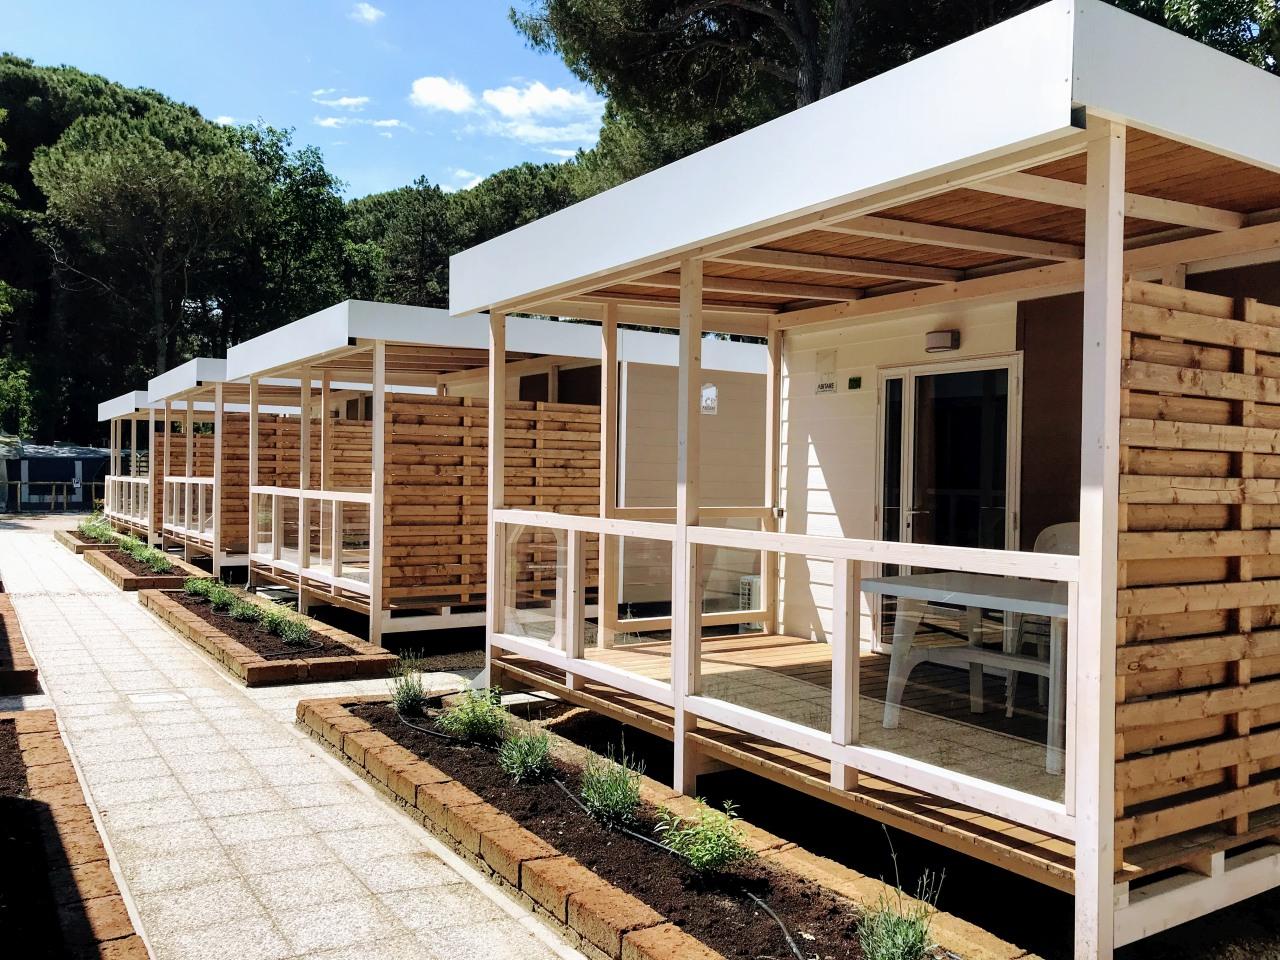 2. Camping Villaggio del Sole - Marina Romea (RA)